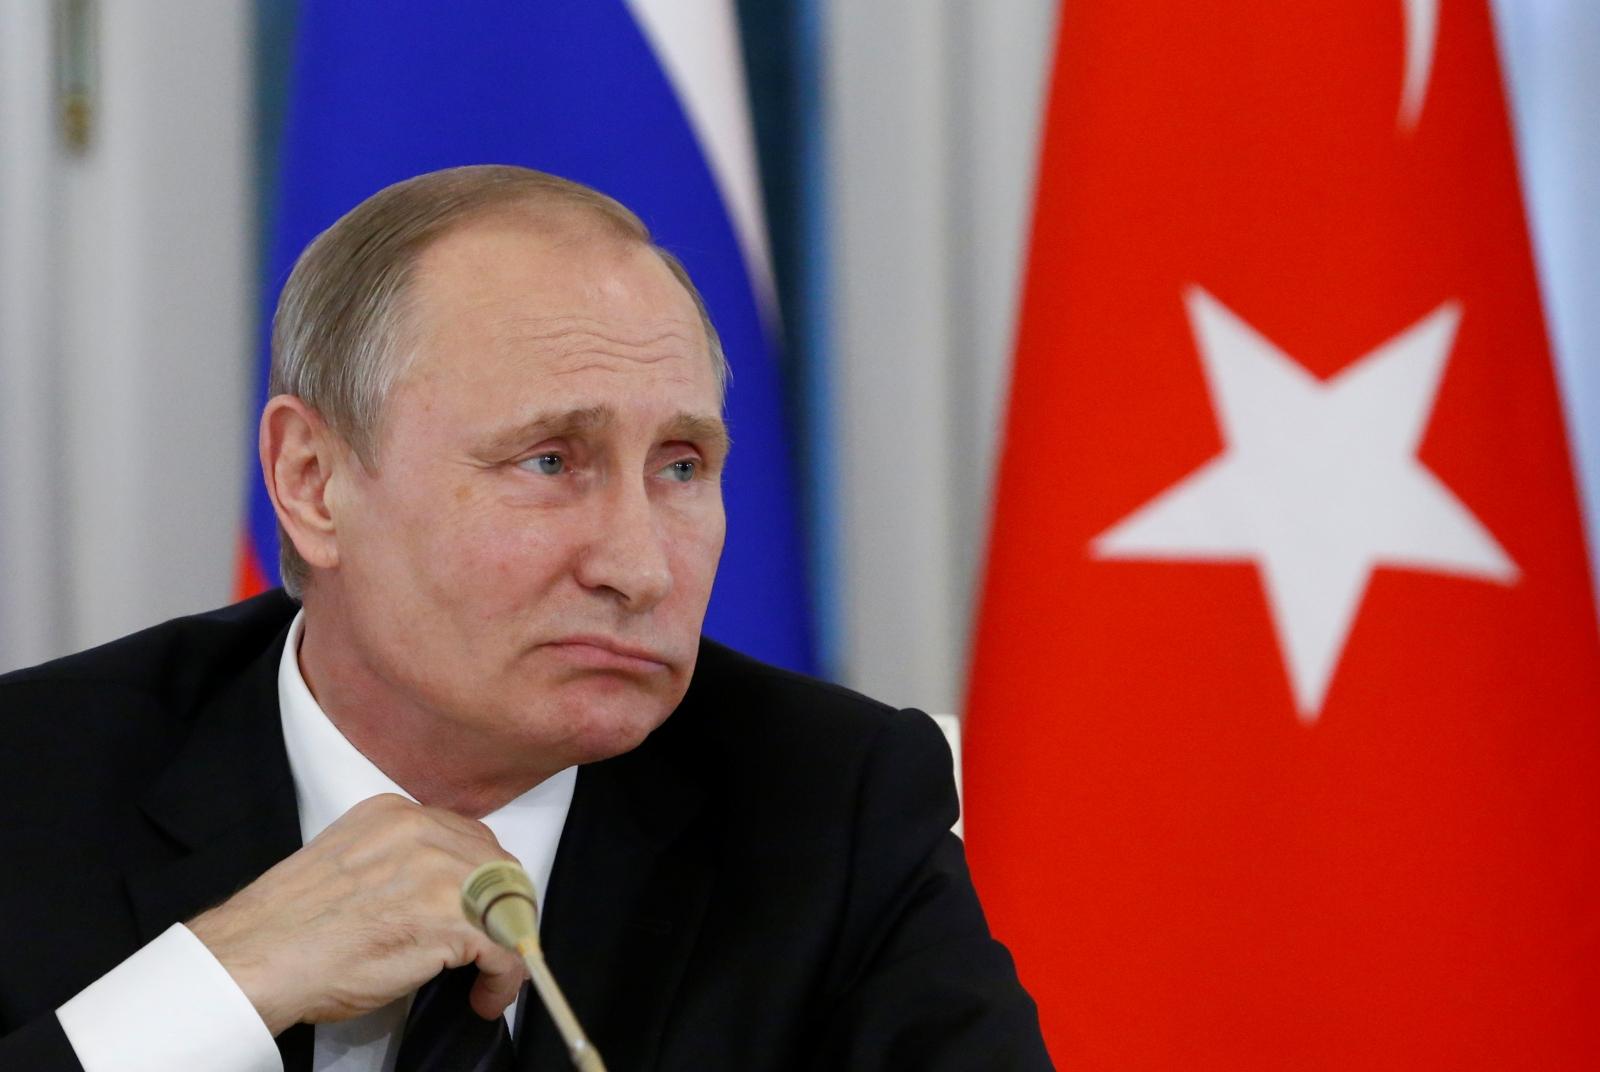 Russia Ukraine tensions